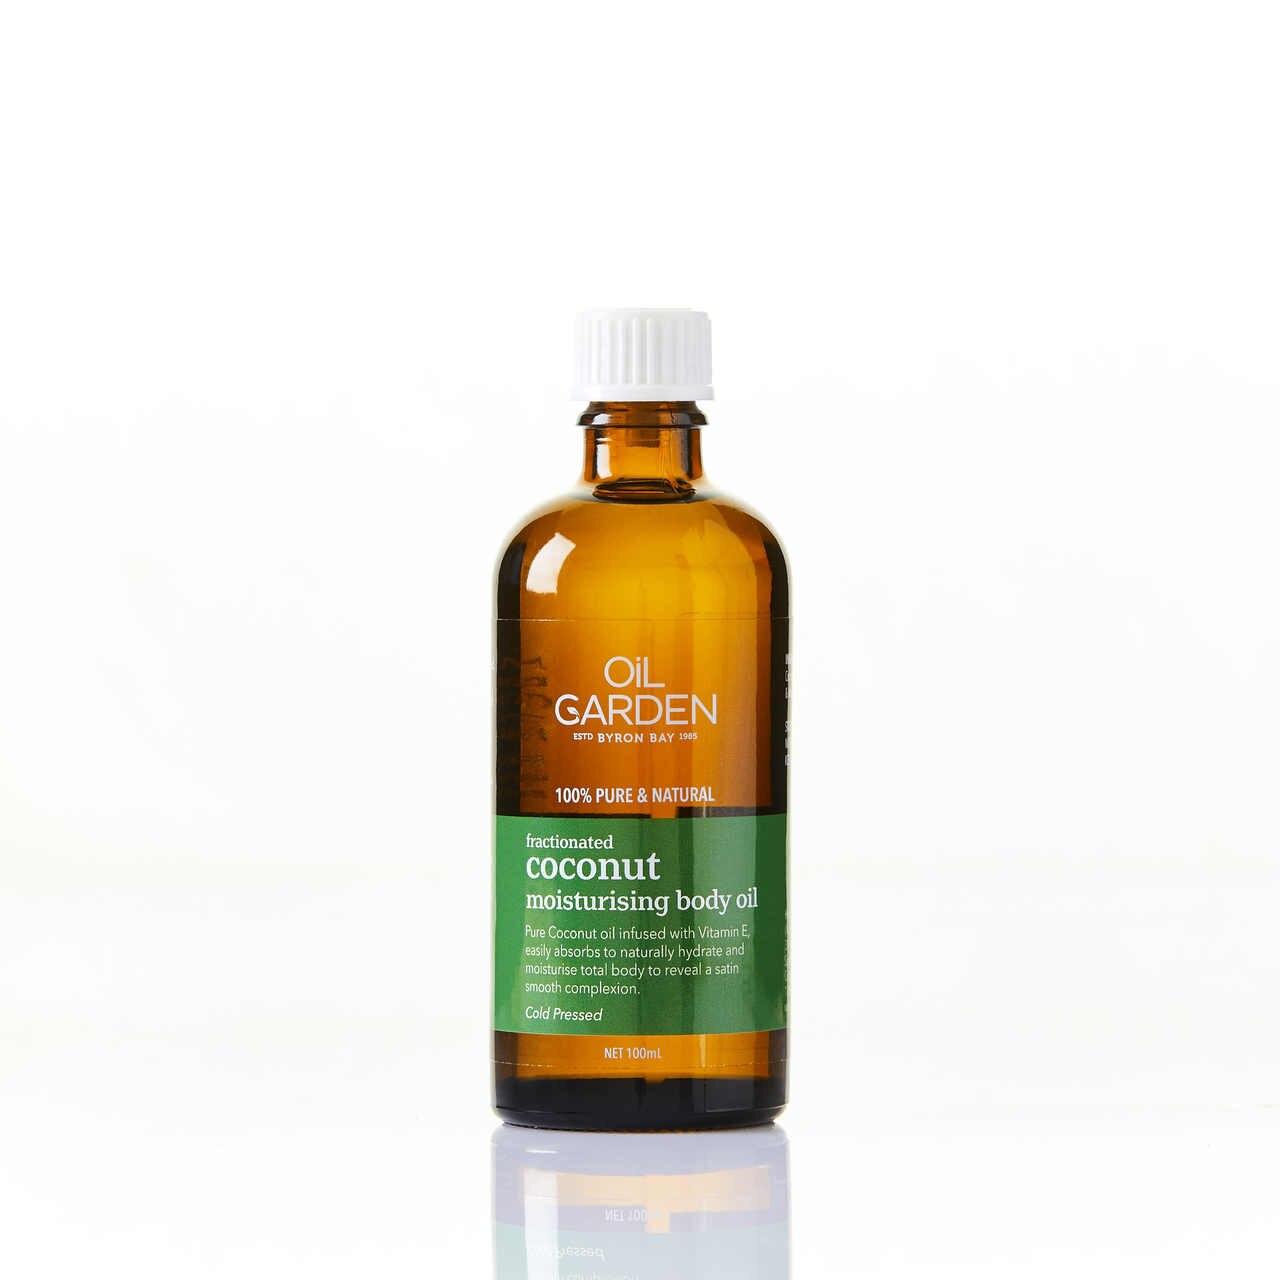 Oil Garden Fractionated Coconut Moisturising Body Oil 100mL 6670111